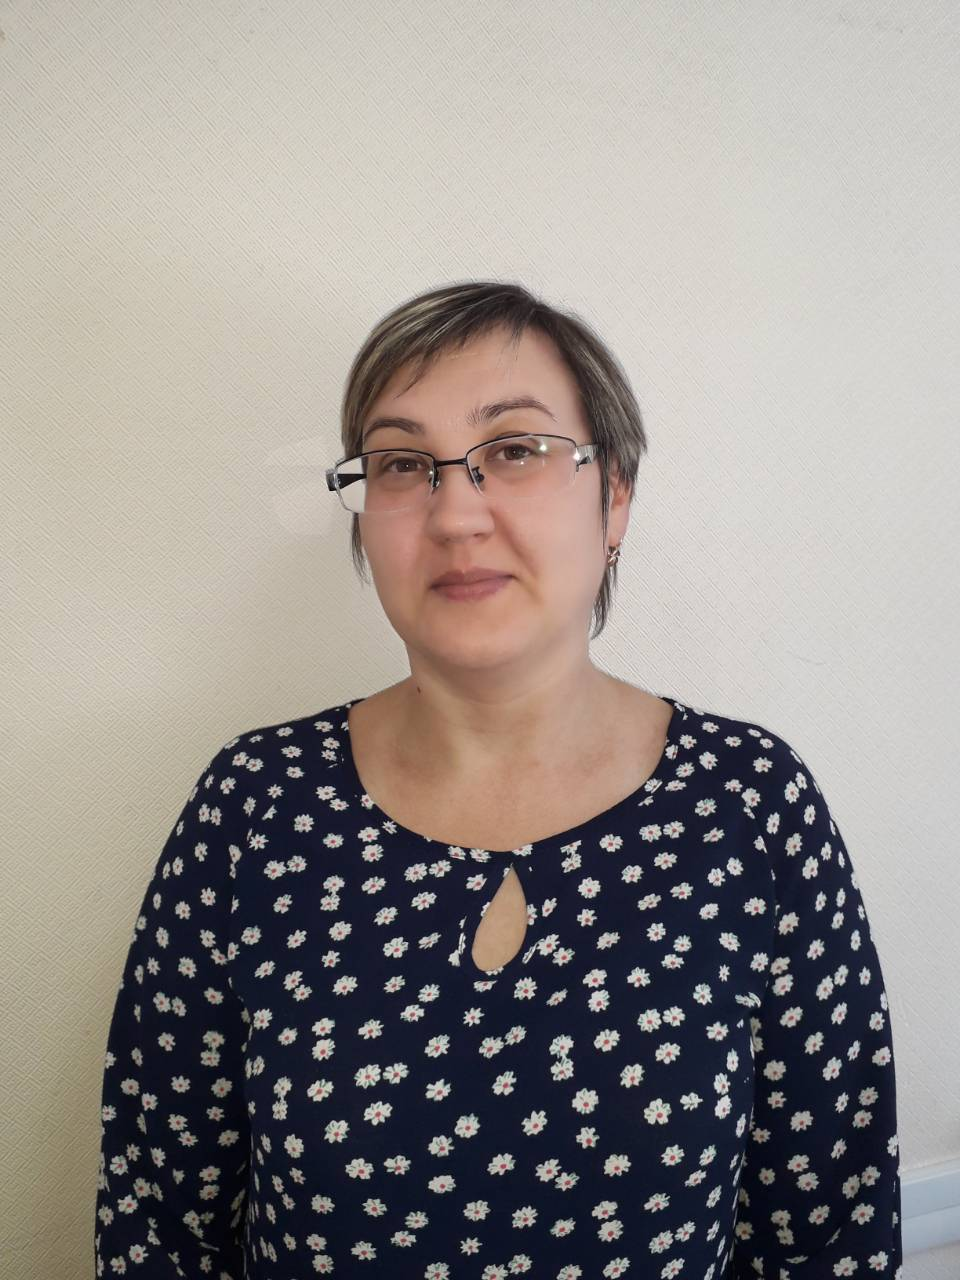 Специалист по социальной работе консультативного отделения Иванова Любовь Александровна